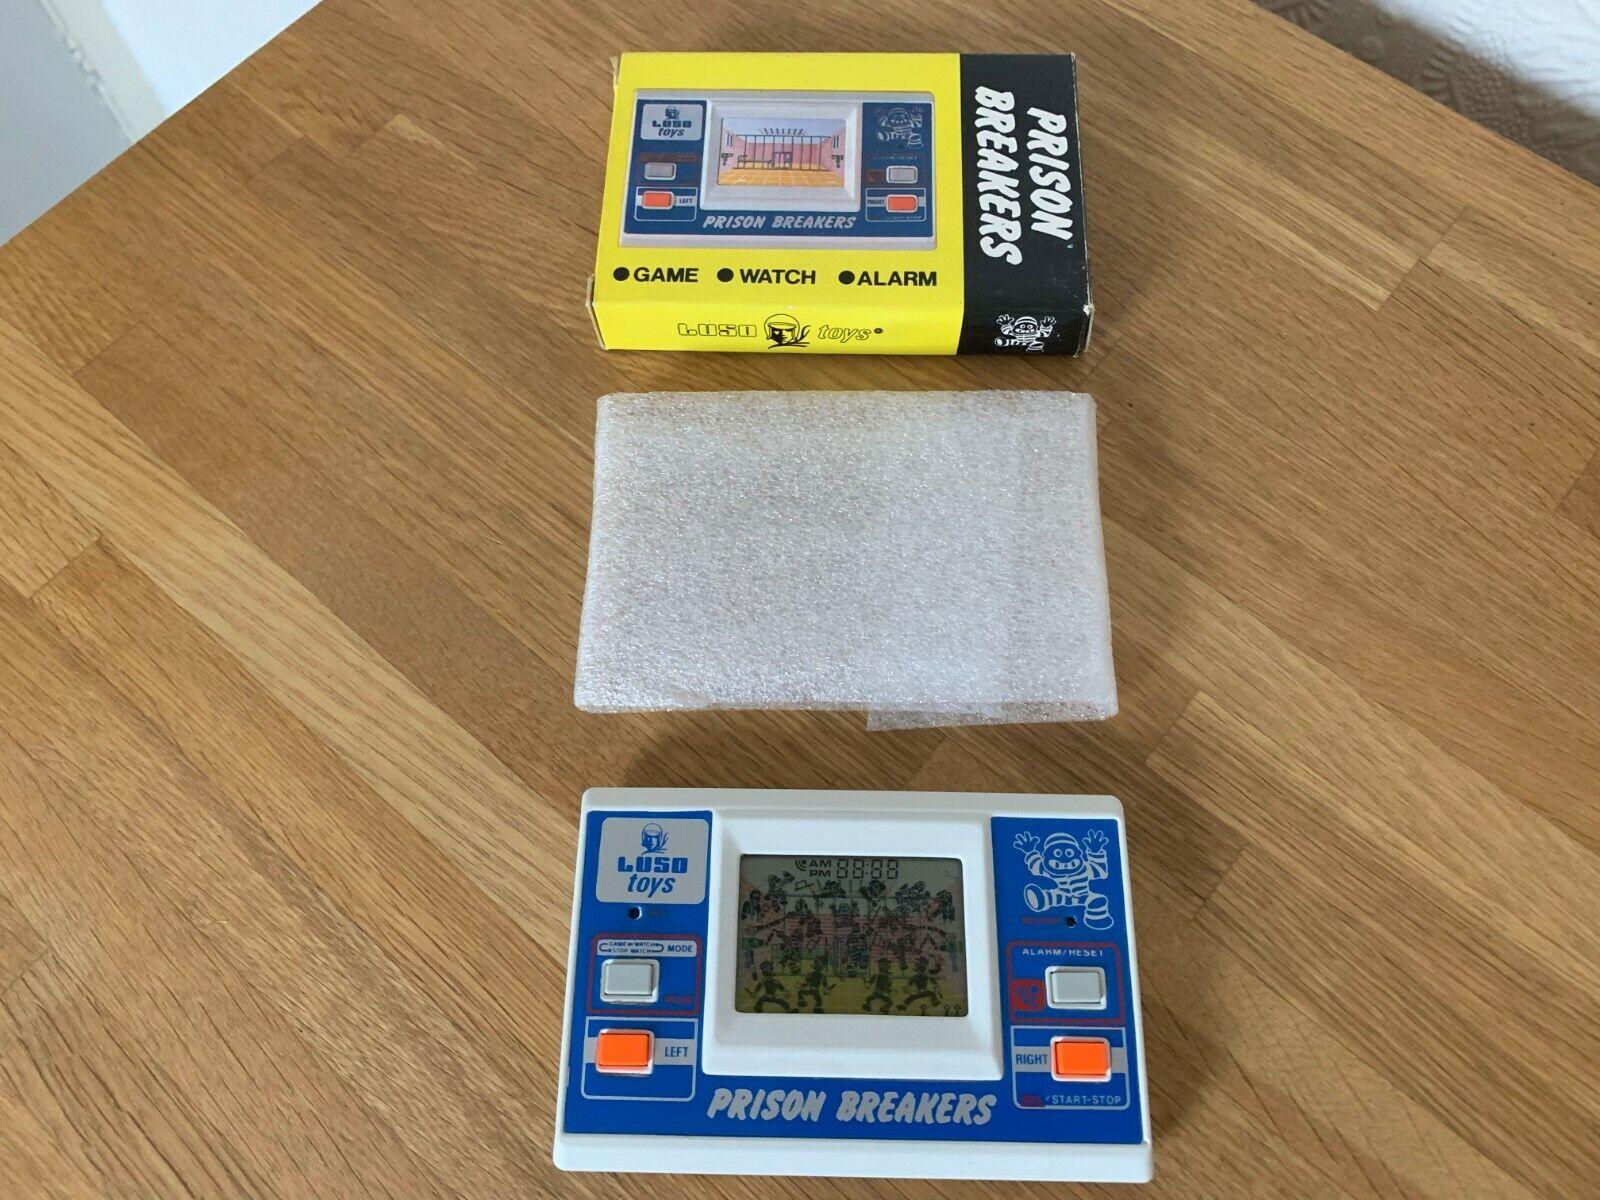 Raro en Caja luso Juguetes prisión interruptores Vintage 1984 LCD juego electrónico -  como Nuevo .